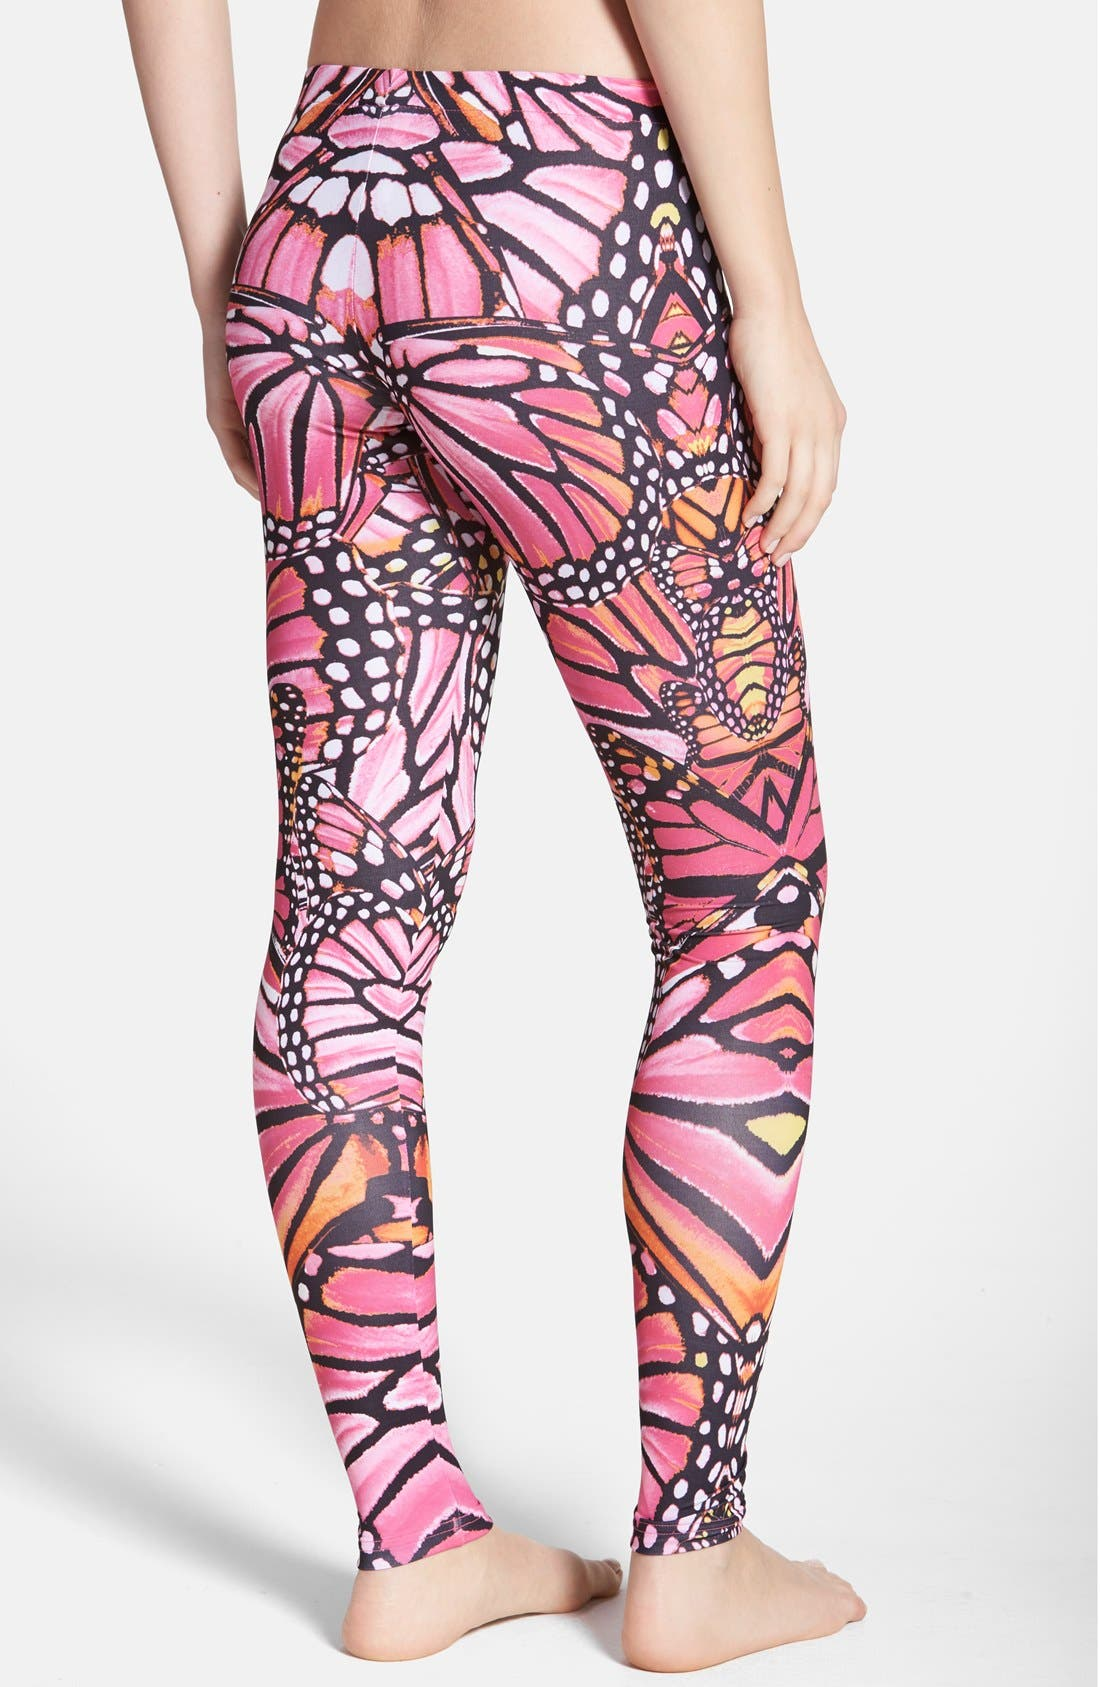 Butterfly Print Leggings,                             Alternate thumbnail 2, color,                             997